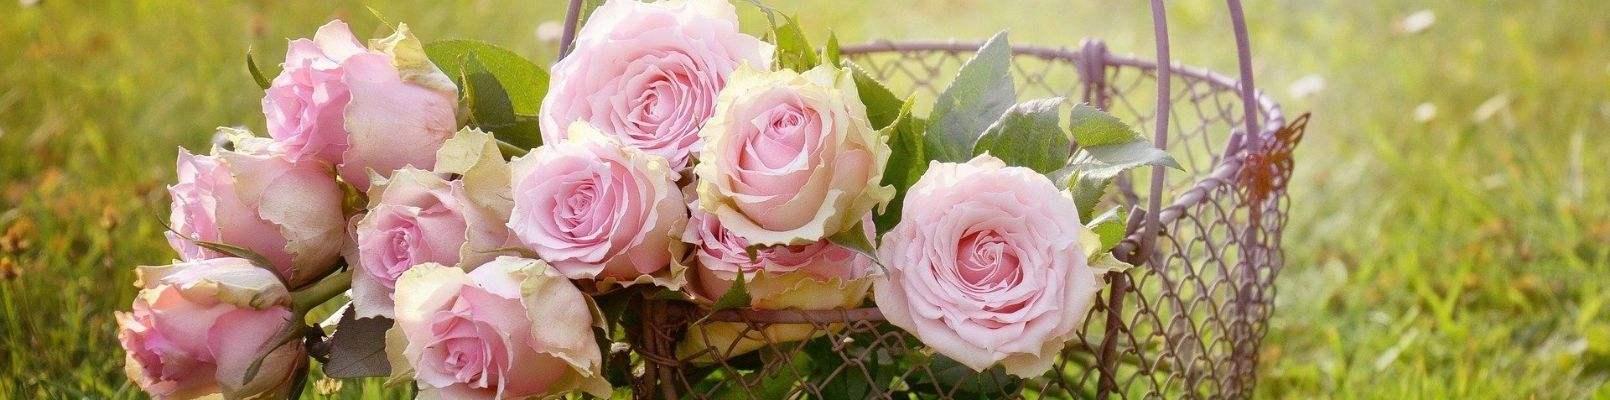 horoscop floral trandafiri